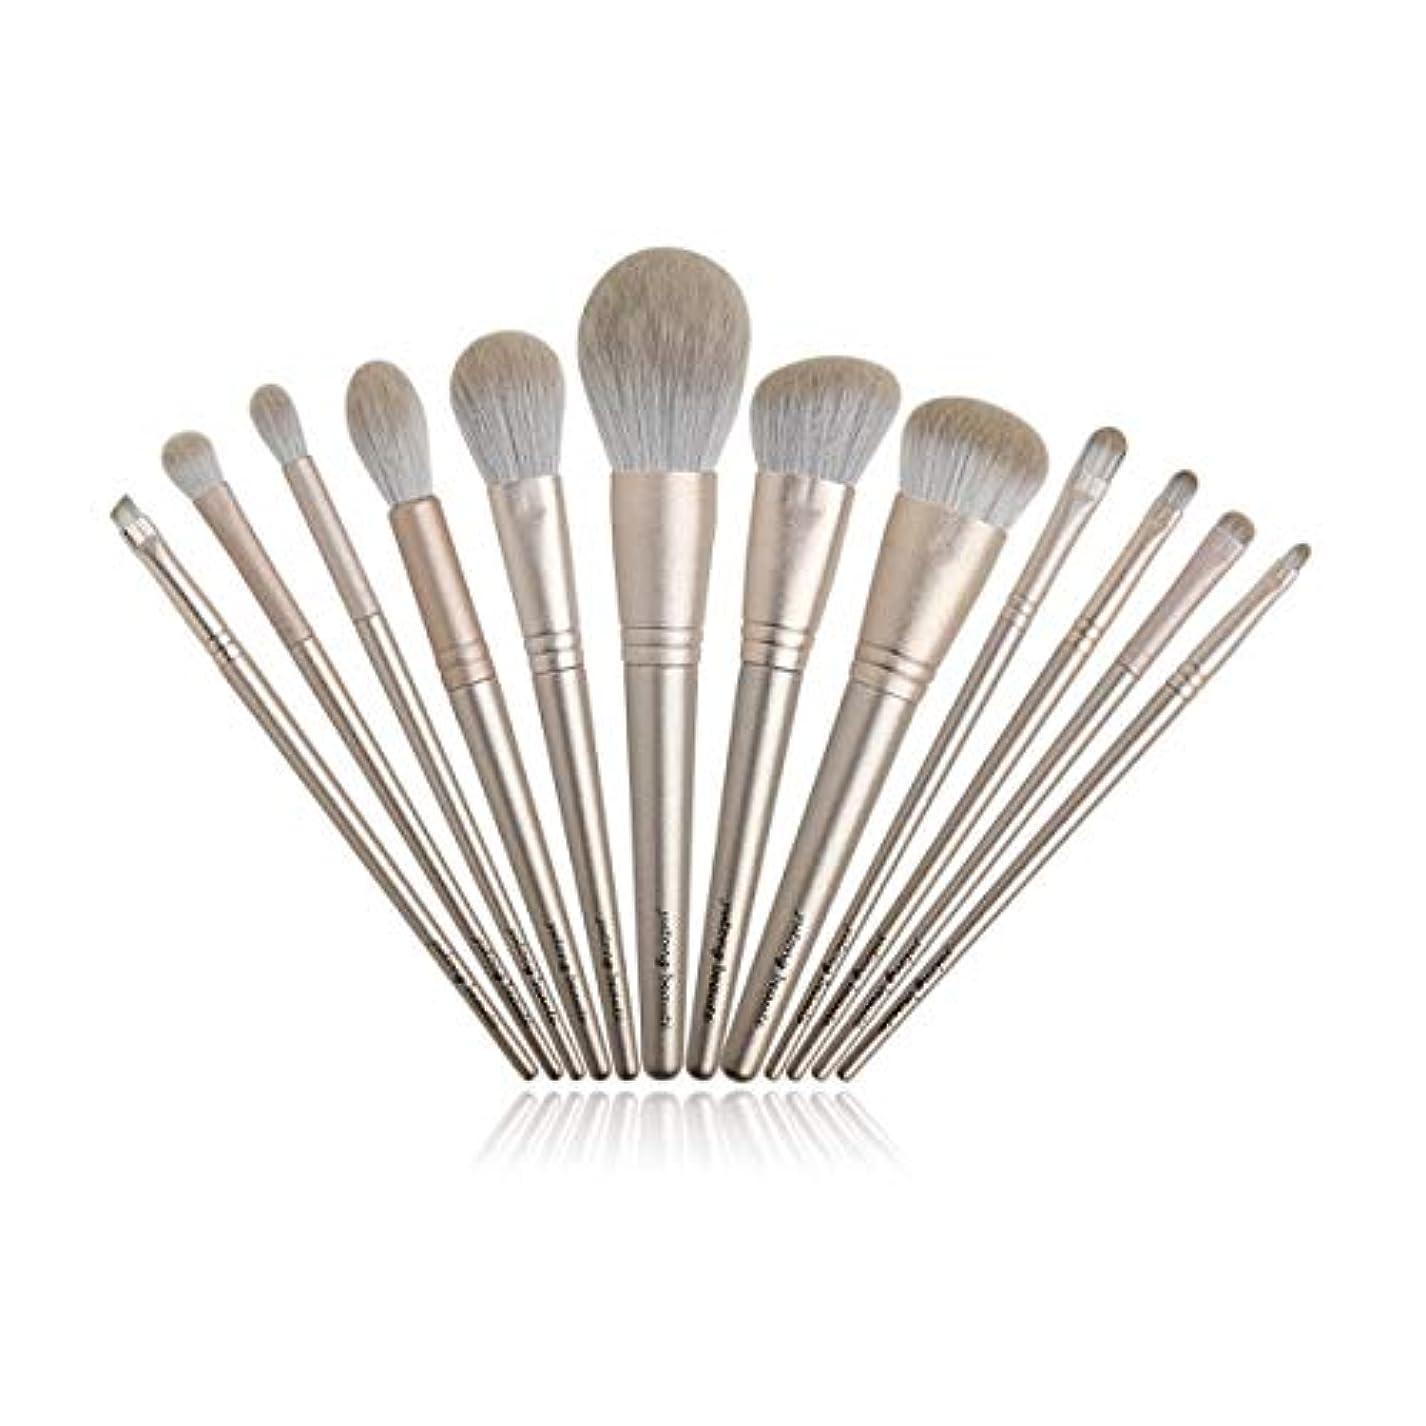 バズ居住者心理的TUOFL メイクブラシ美容ツールベルト保護ネットの設定ファイバー髪のセクションを設定し、12点セット (Color : Gold)